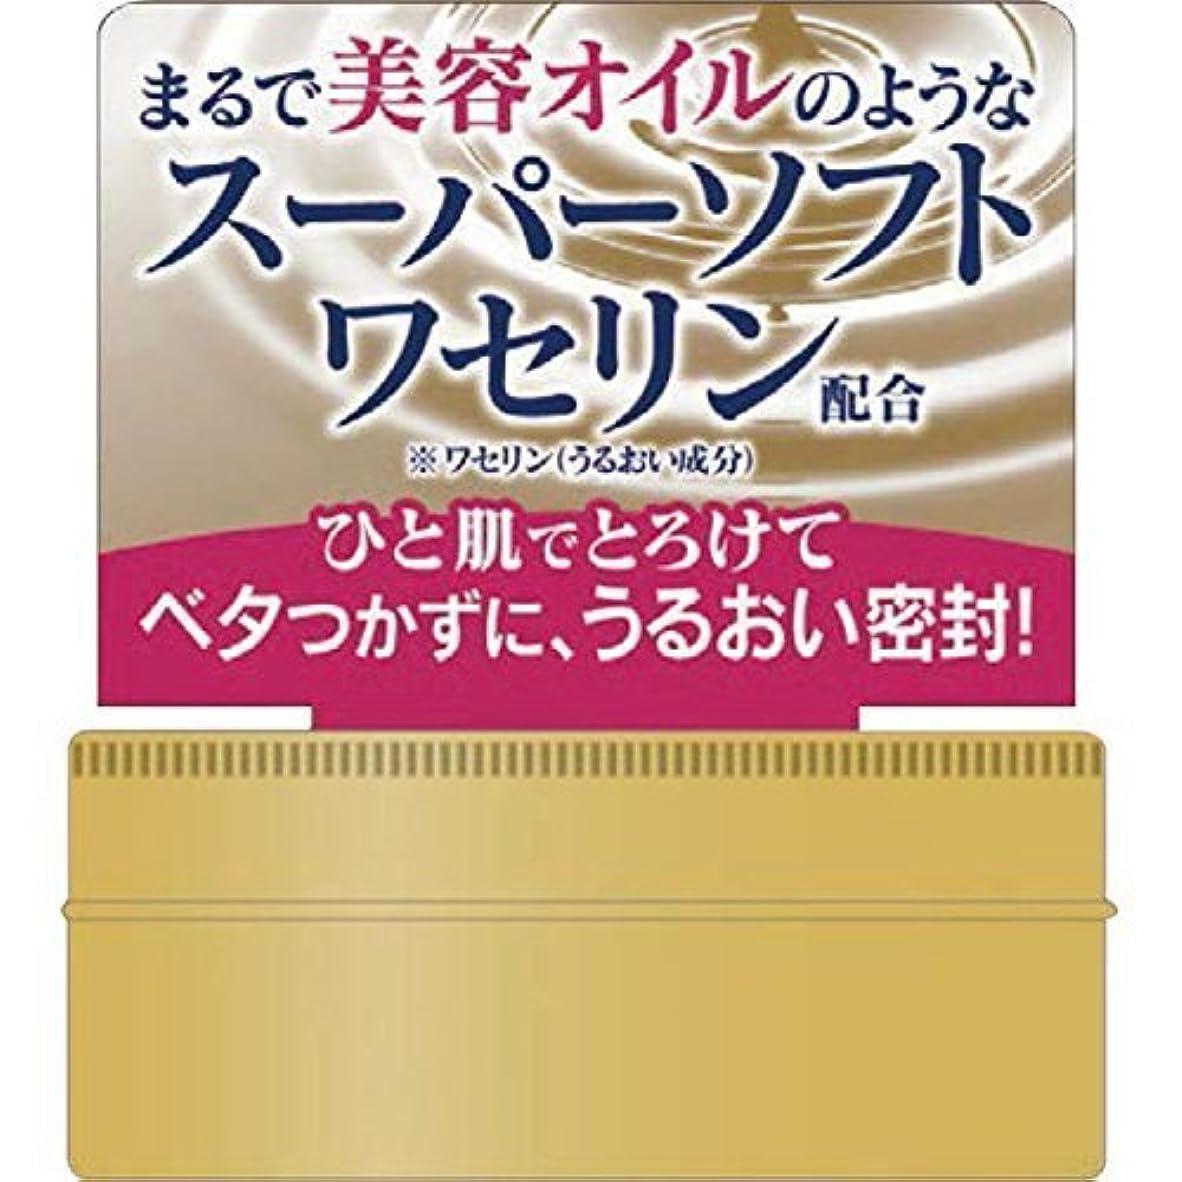 プレゼンター忠誠ヘルシー肌研(ハダラボ) 極潤プレミアム ヒアルロンオイルジェリー × 3個セット